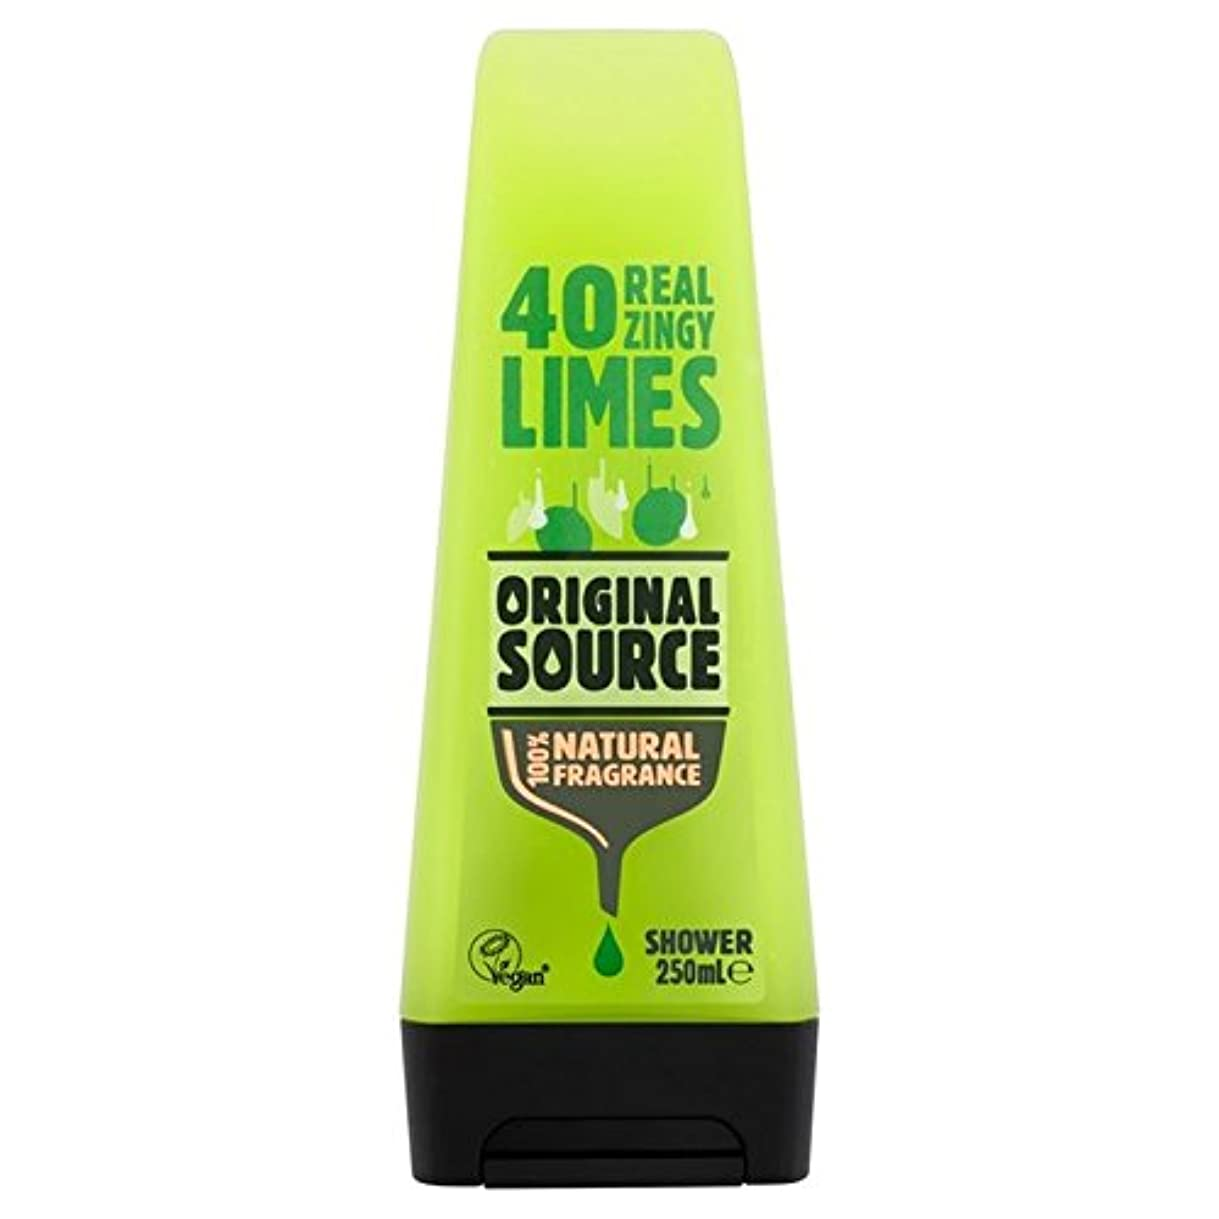 ましい聞きます曇ったOriginal Source Lime Shower Gel 250ml - 元のソースライムシャワージェル250ミリリットル [並行輸入品]